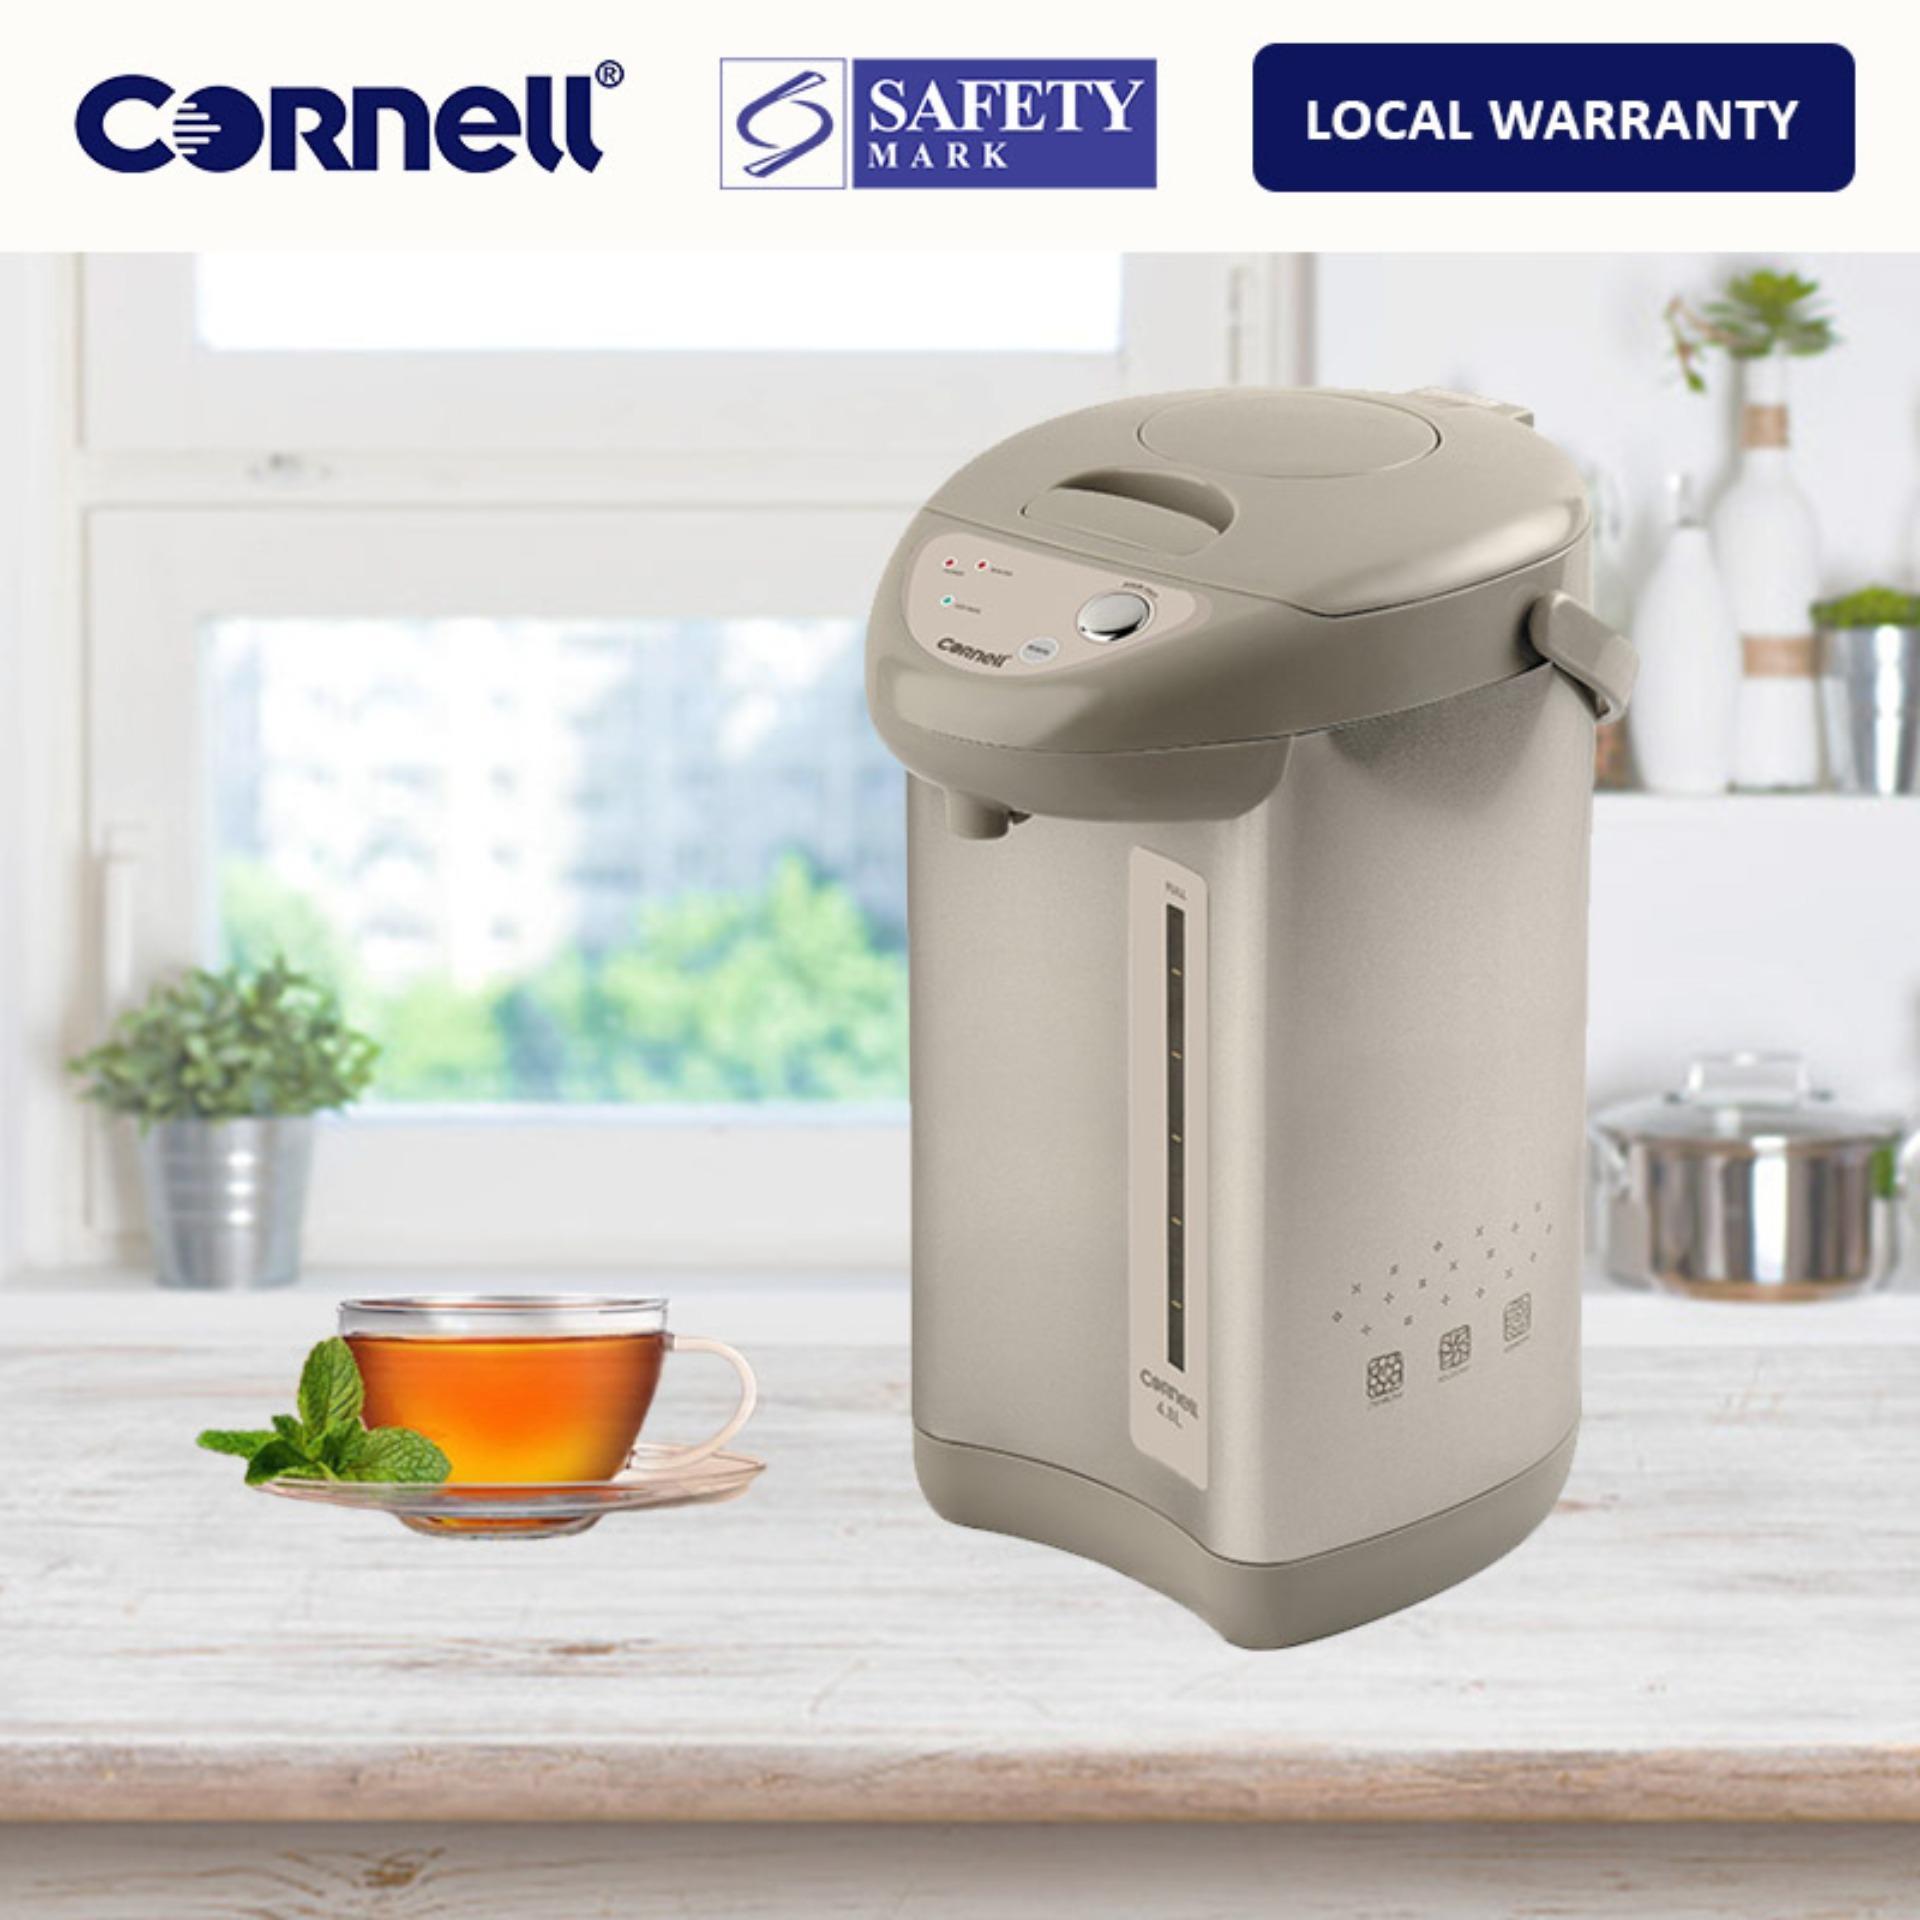 Cornell Airpot Hot Water Dispenser 4.8L Airport